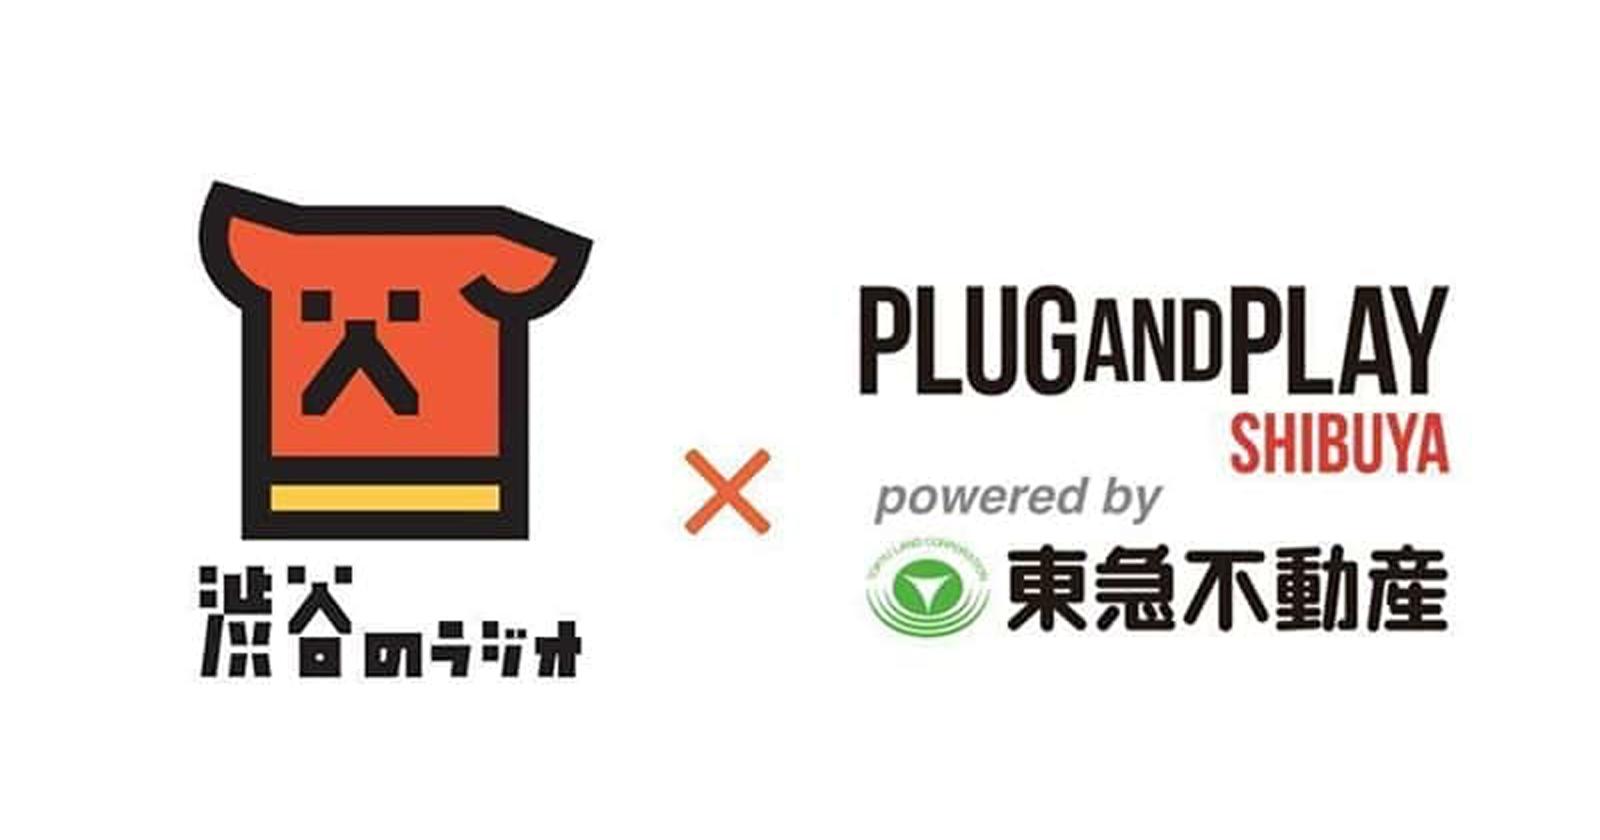 FM87.6MHz「渋谷のラジオ」に、for Startupsのシニアニューマンキャピタリスト泉友詞が出演しました。